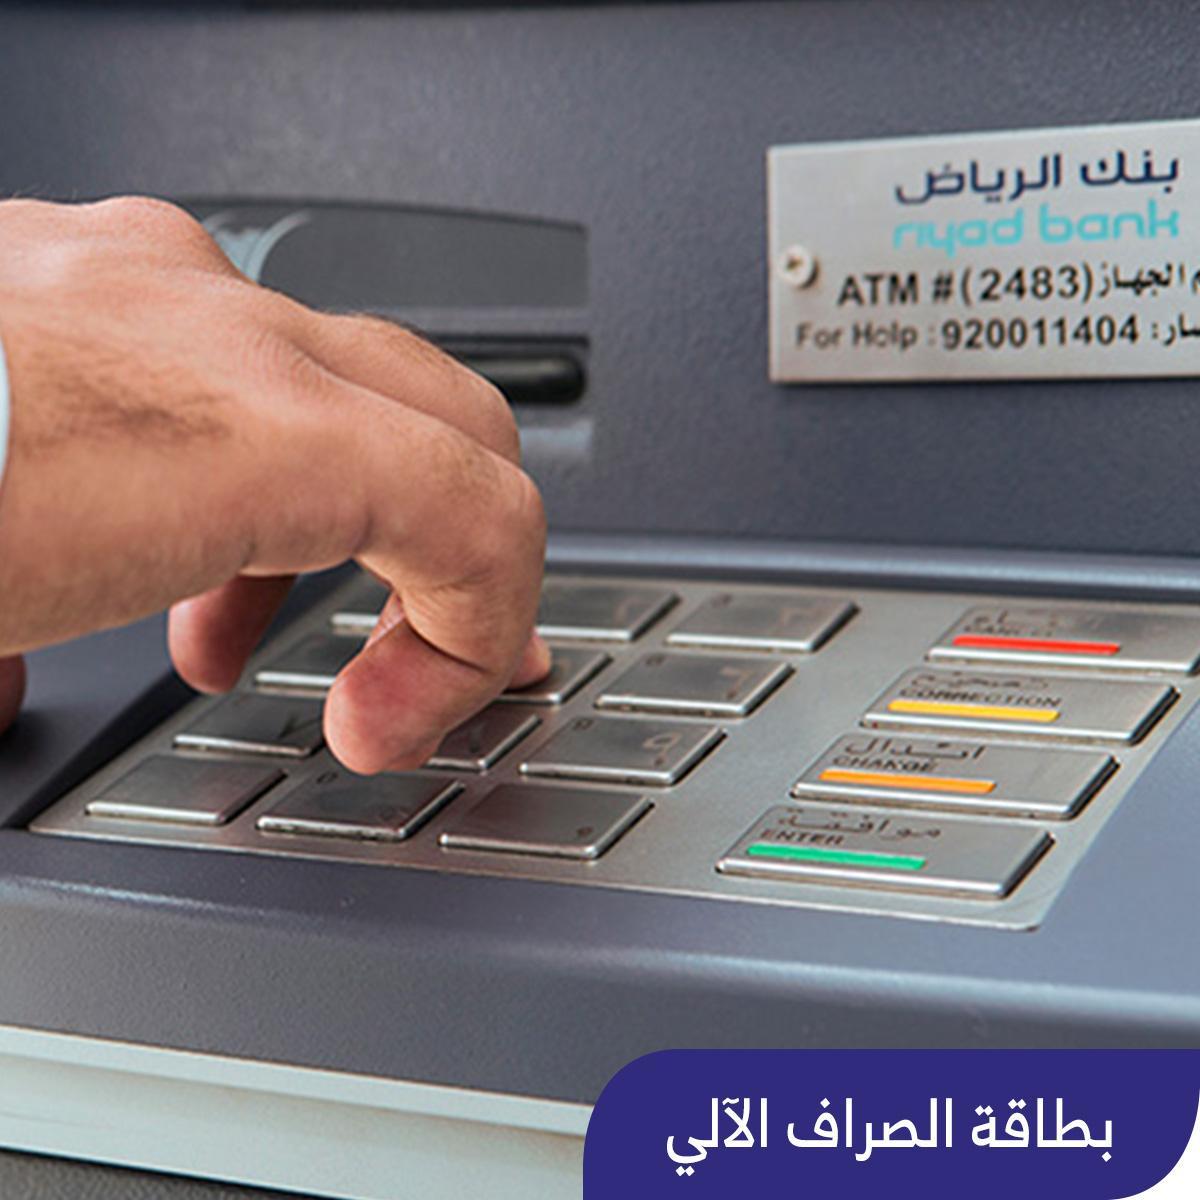 الرقم المجاني بنك الرياض